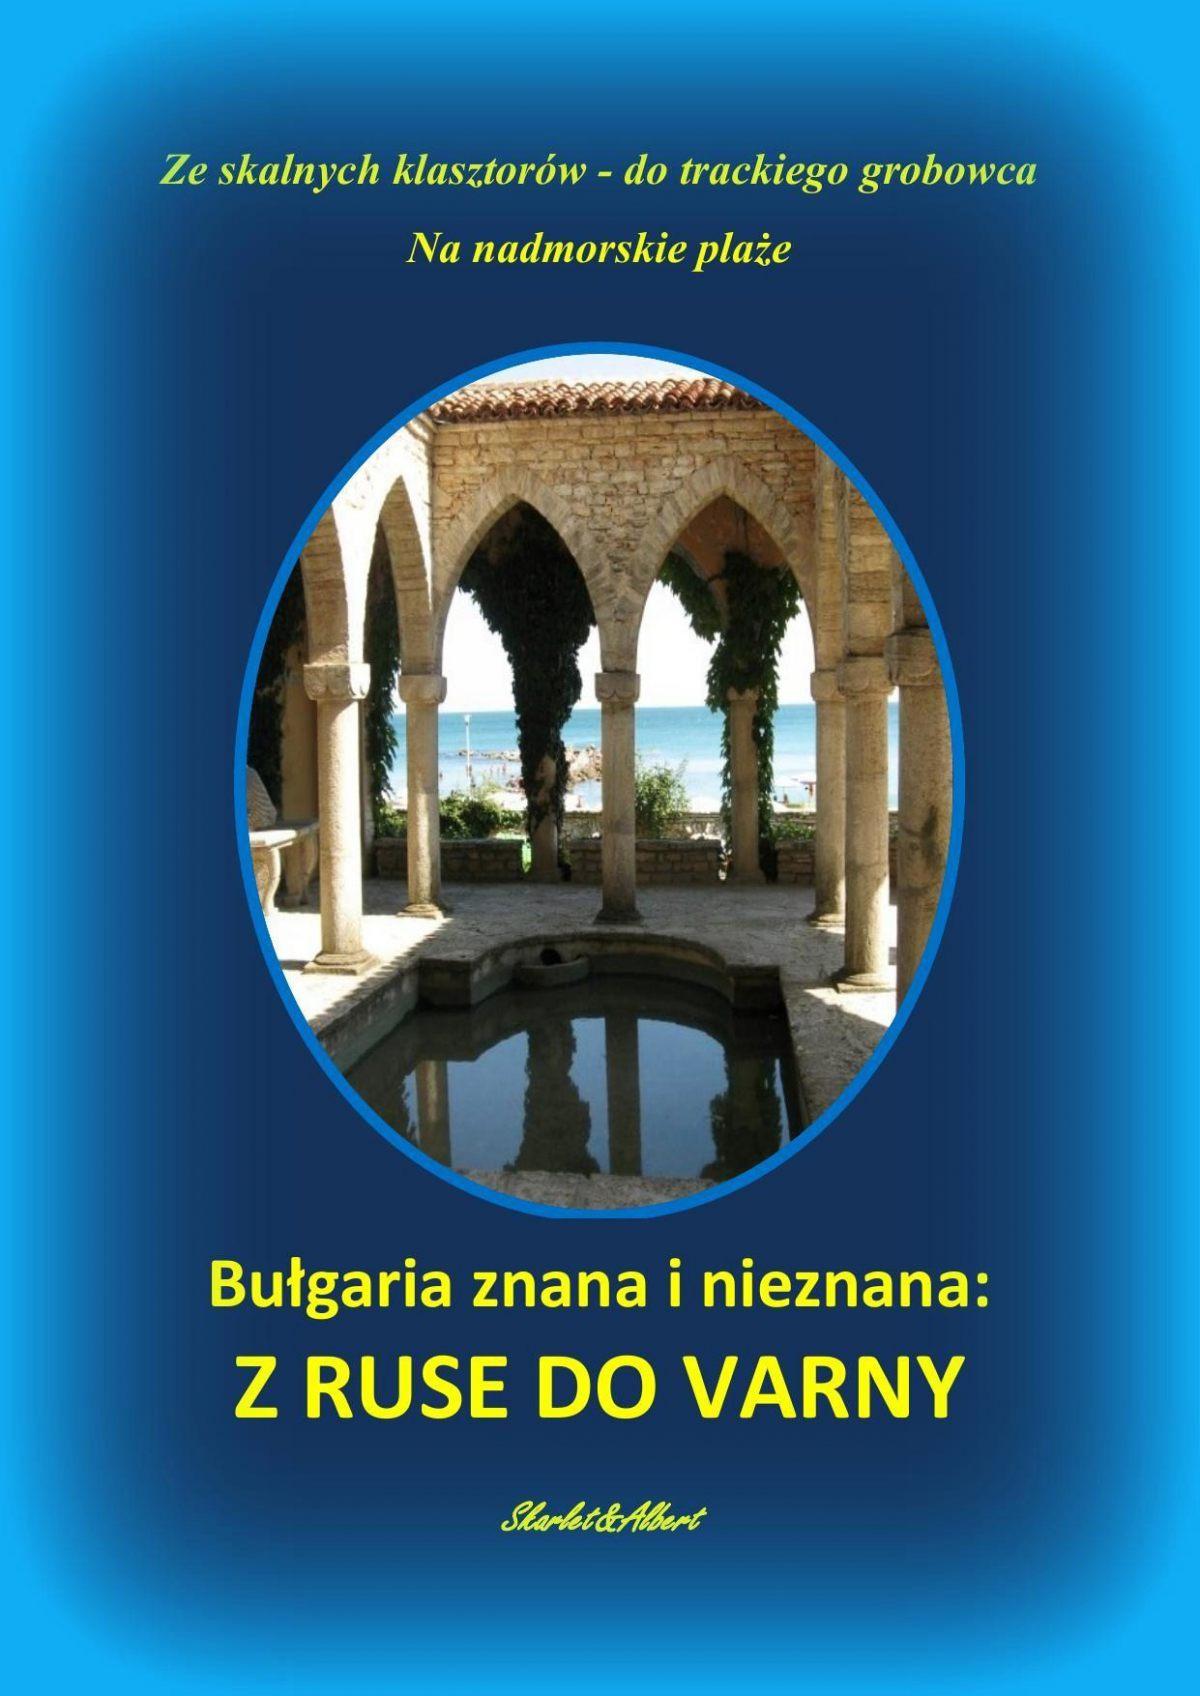 Bułgaria znana i nieznana. Z Ruse do Varny - Ebook (Książka PDF) do pobrania w formacie PDF